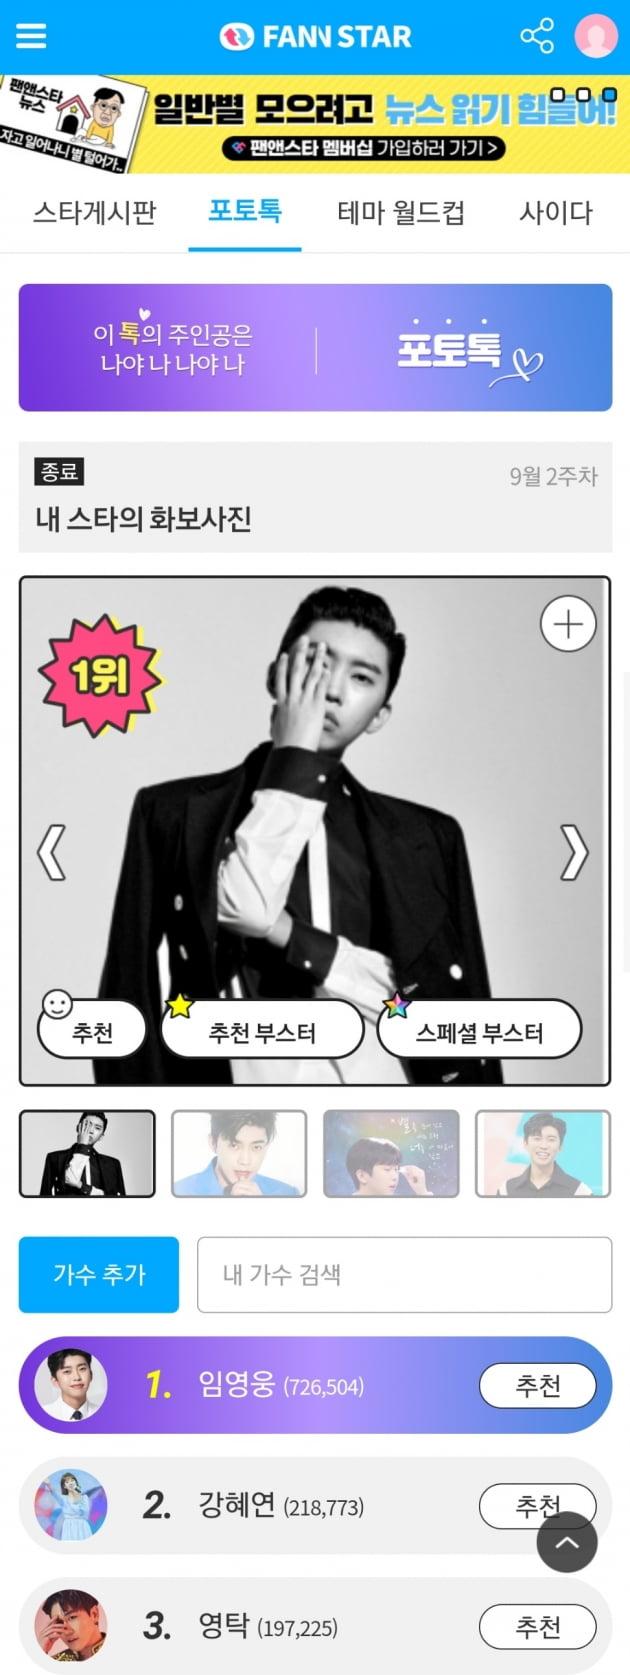 임영웅, '스타의 화보사진' 포토톡 1위…'압도적인 분위기'